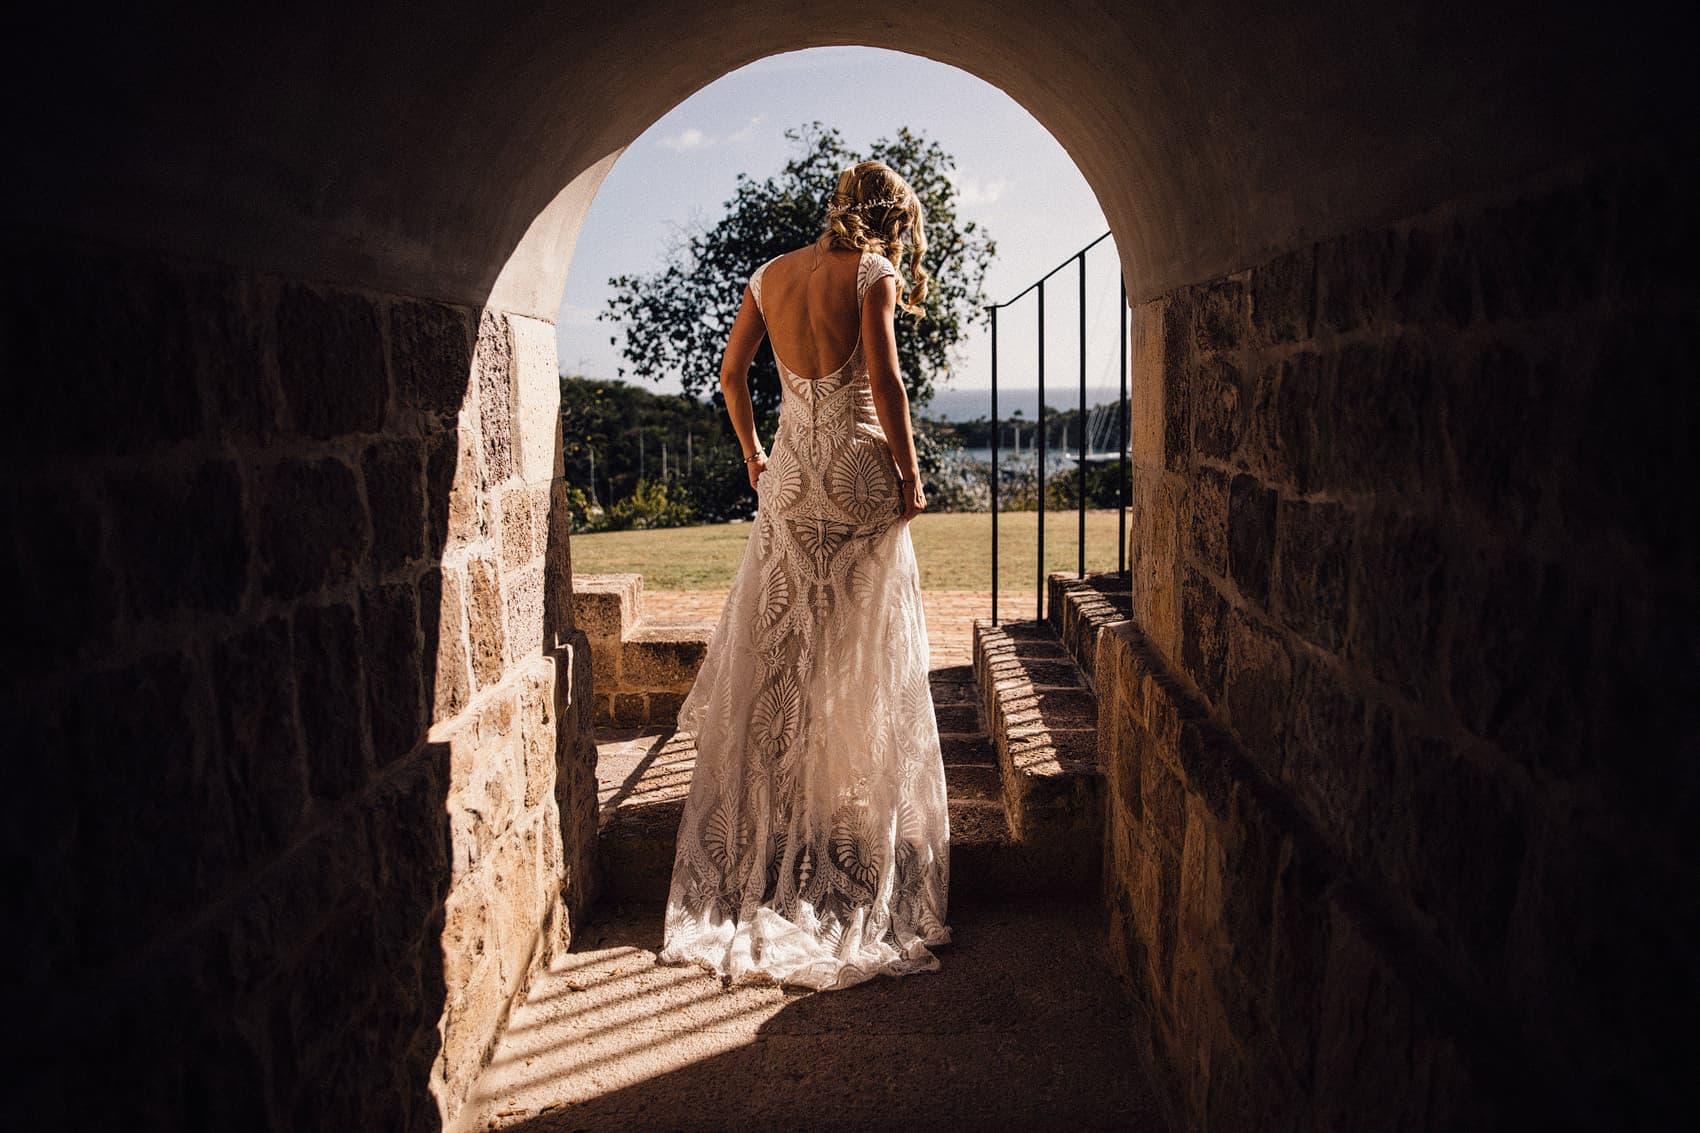 bhldn lace wedding dress